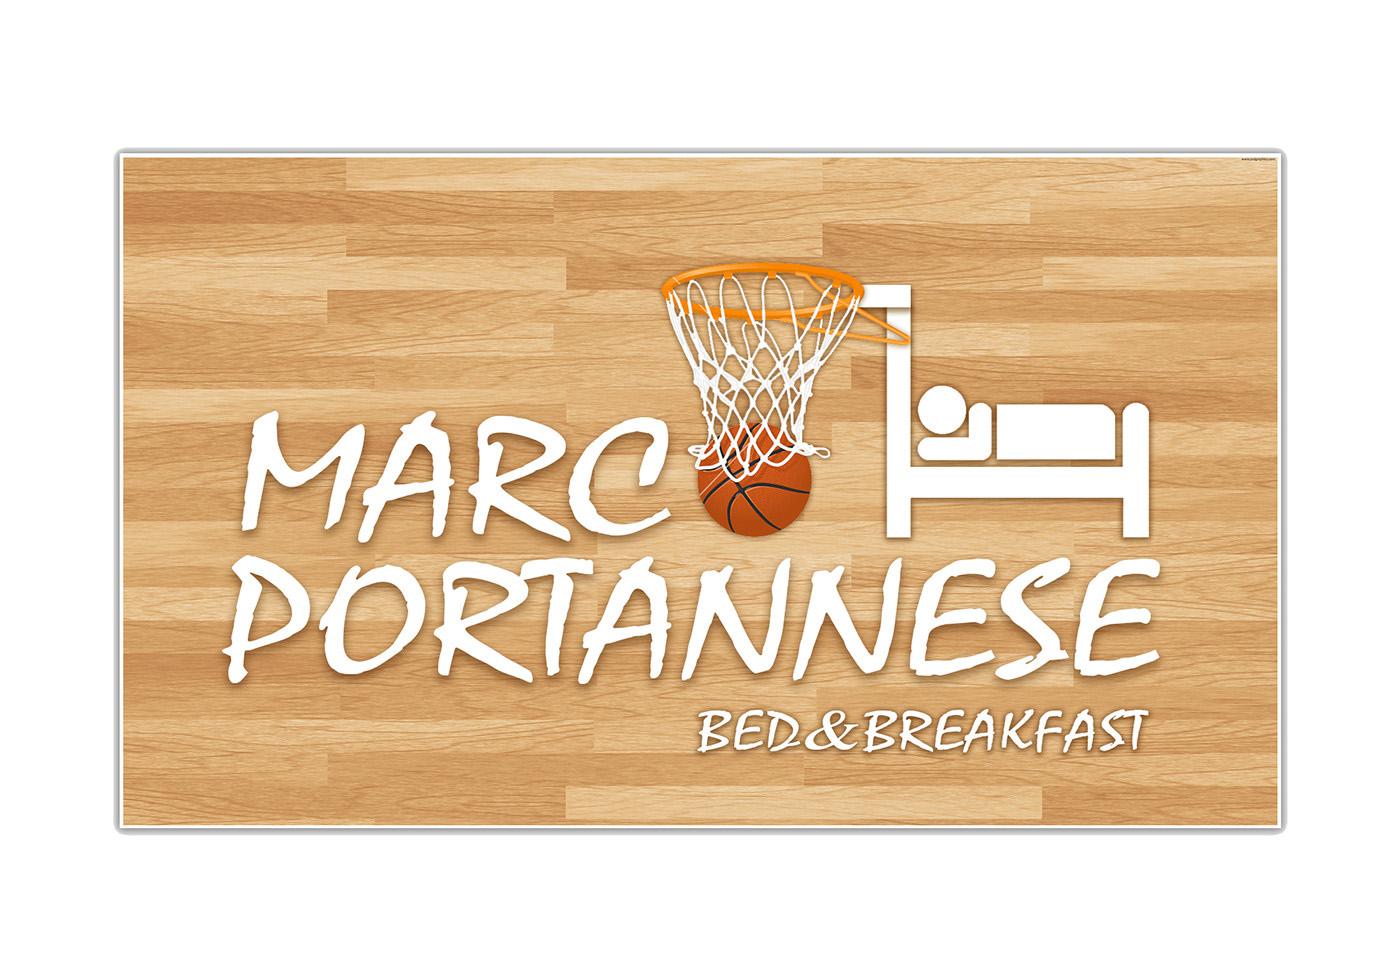 Marco Portannese Bed&Breakfast